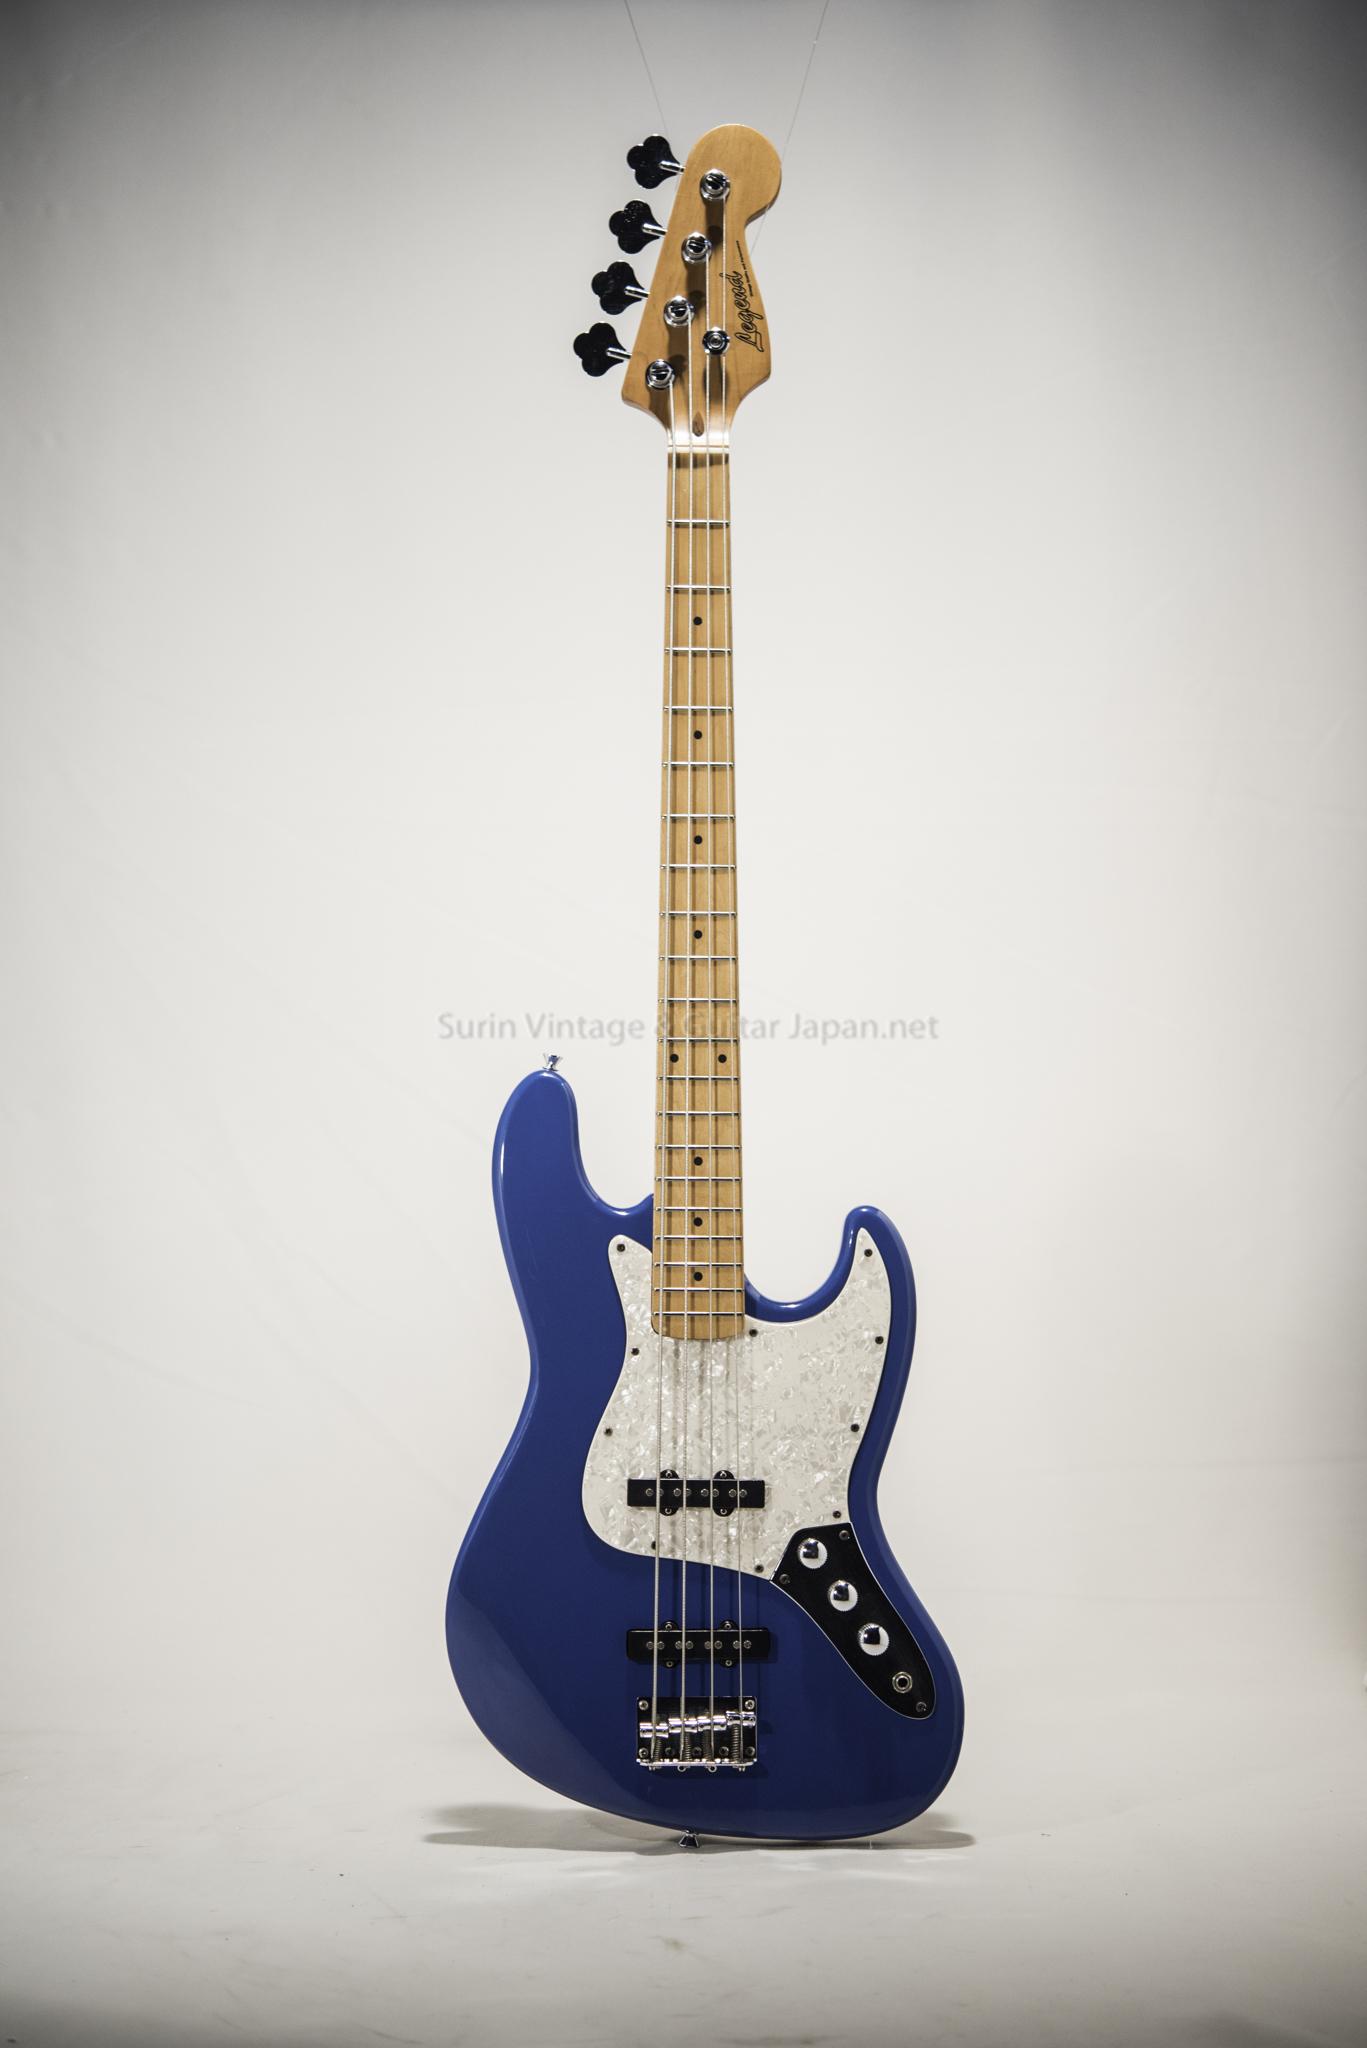 กีต้าร์เบสไฟฟ้ามือสอง Legend JB-Blue No.3